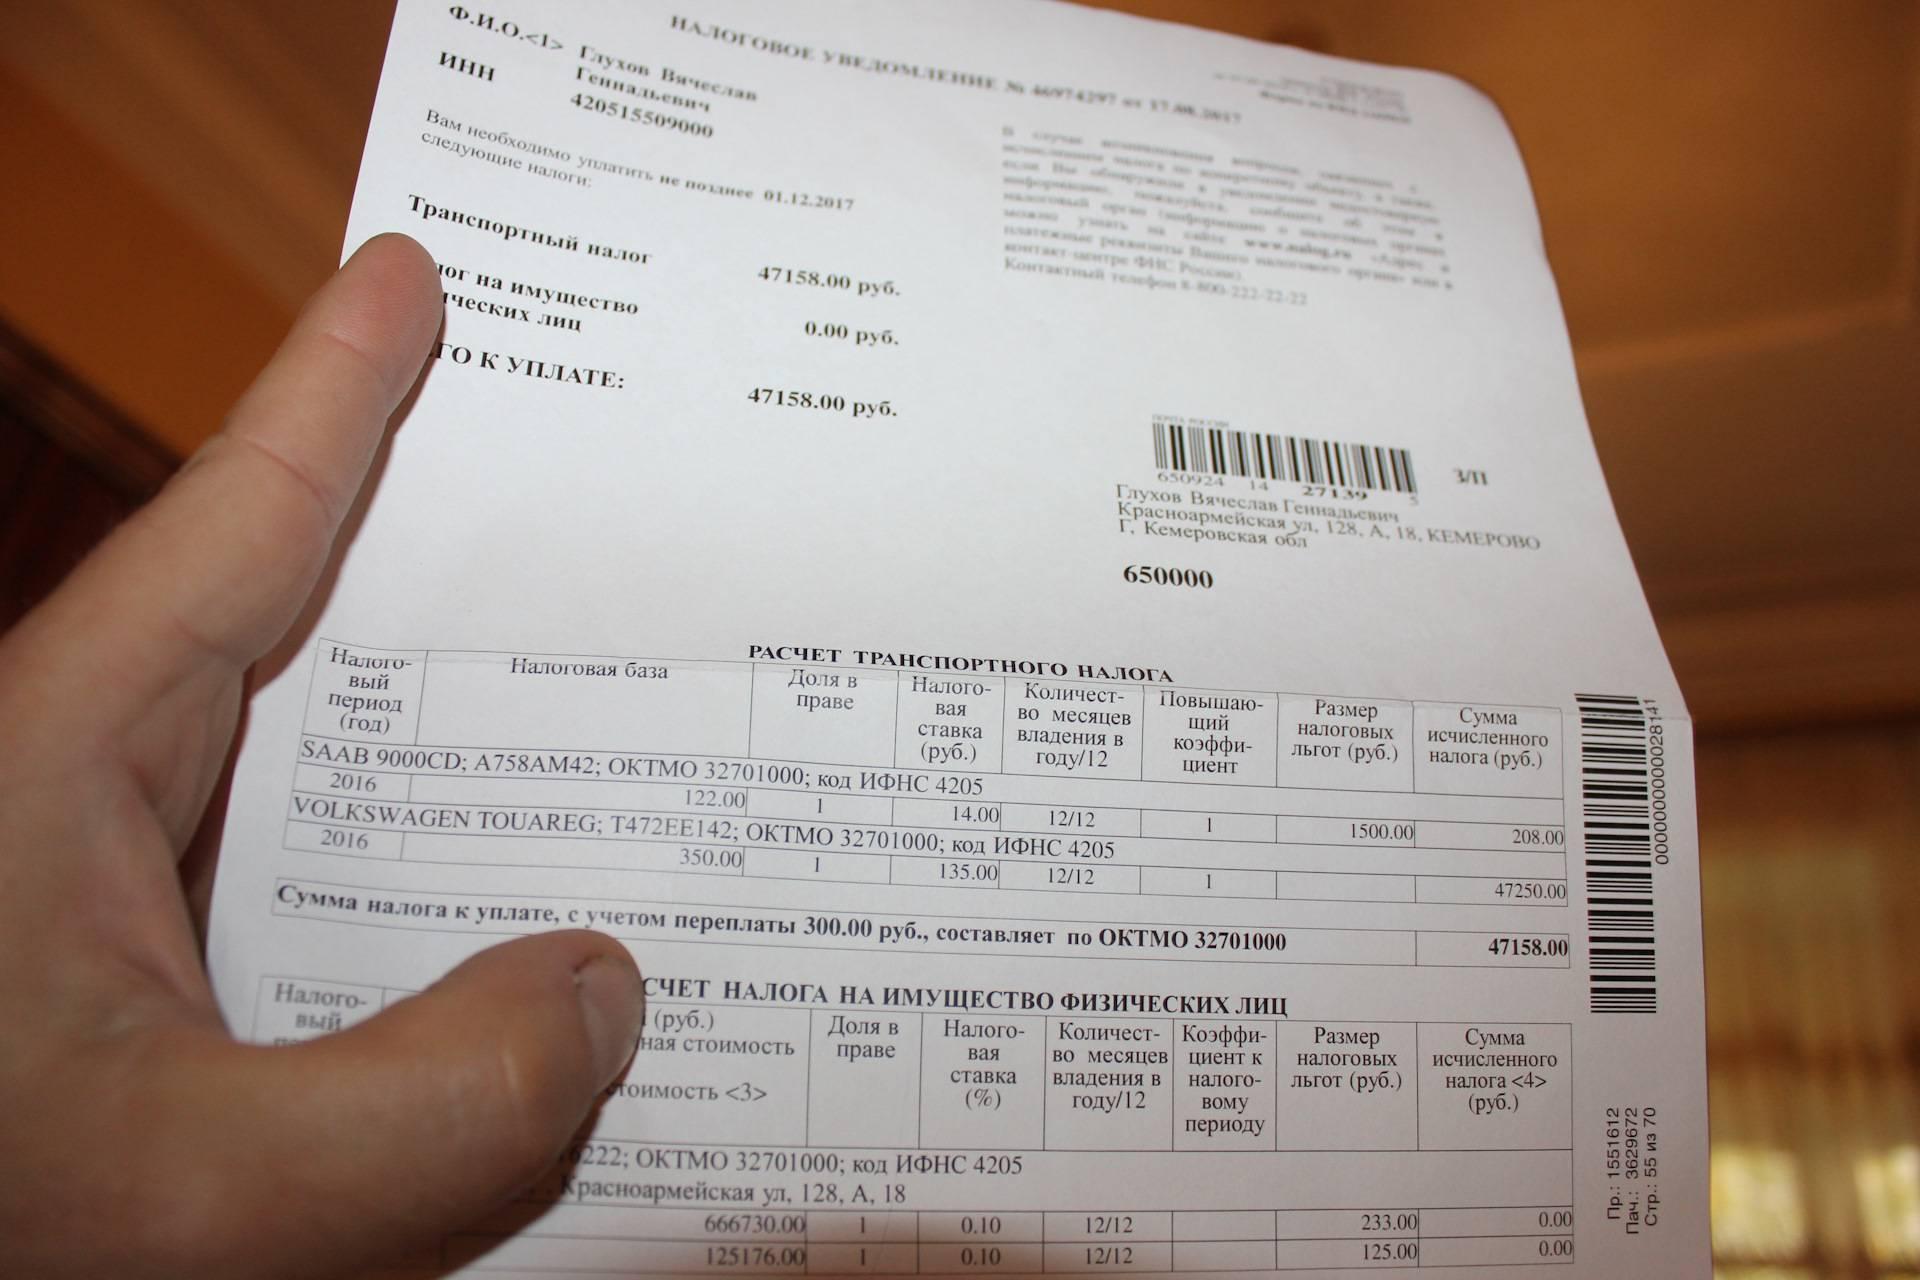 Как оплатить налог на машину если нет квитанции